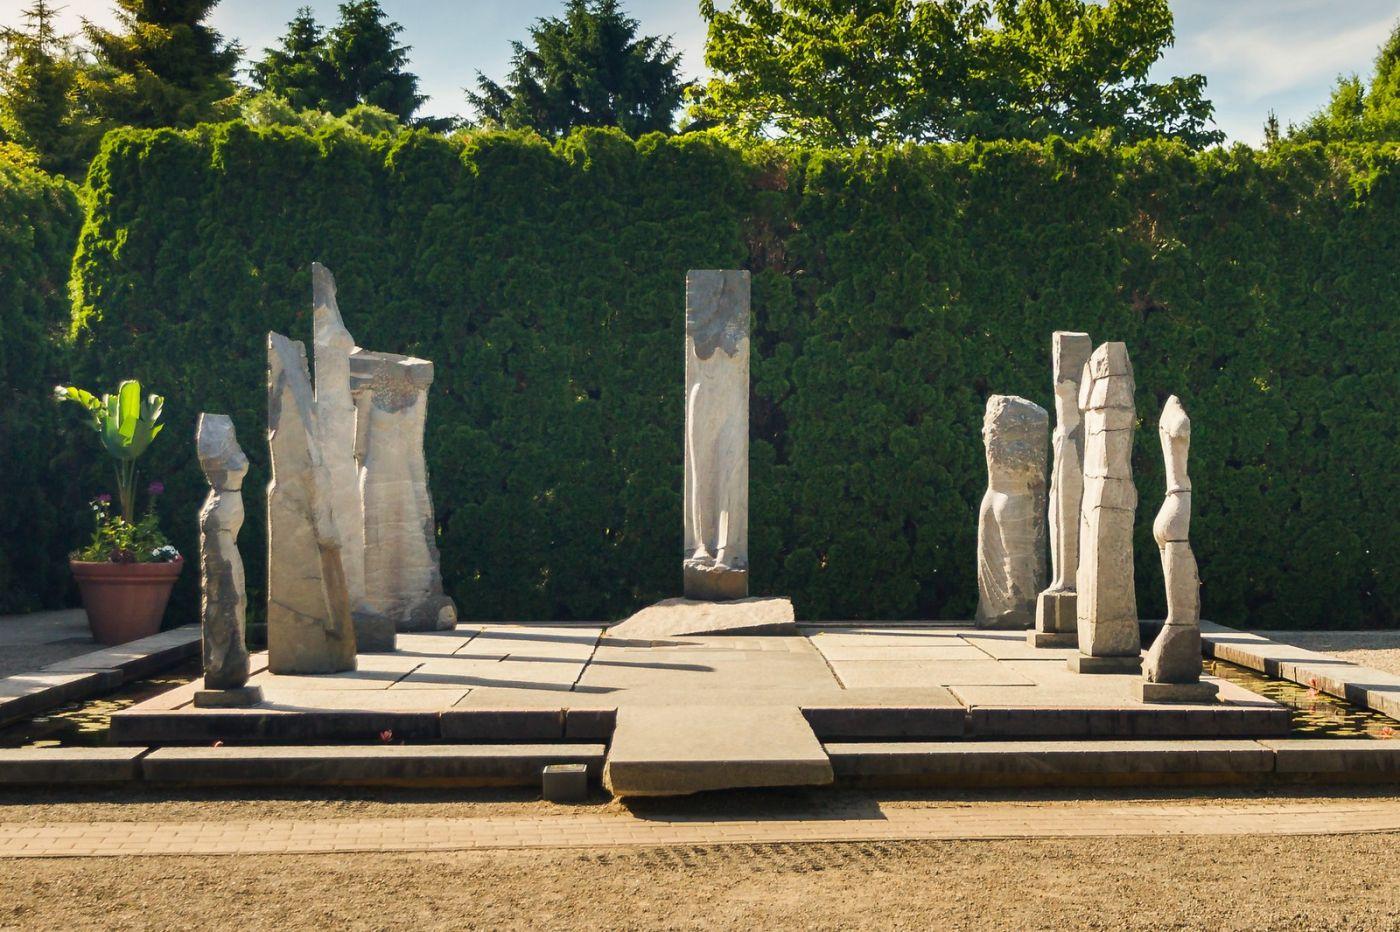 新泽西州雕塑公园(Grounds for scuplture),题材很广_图1-6